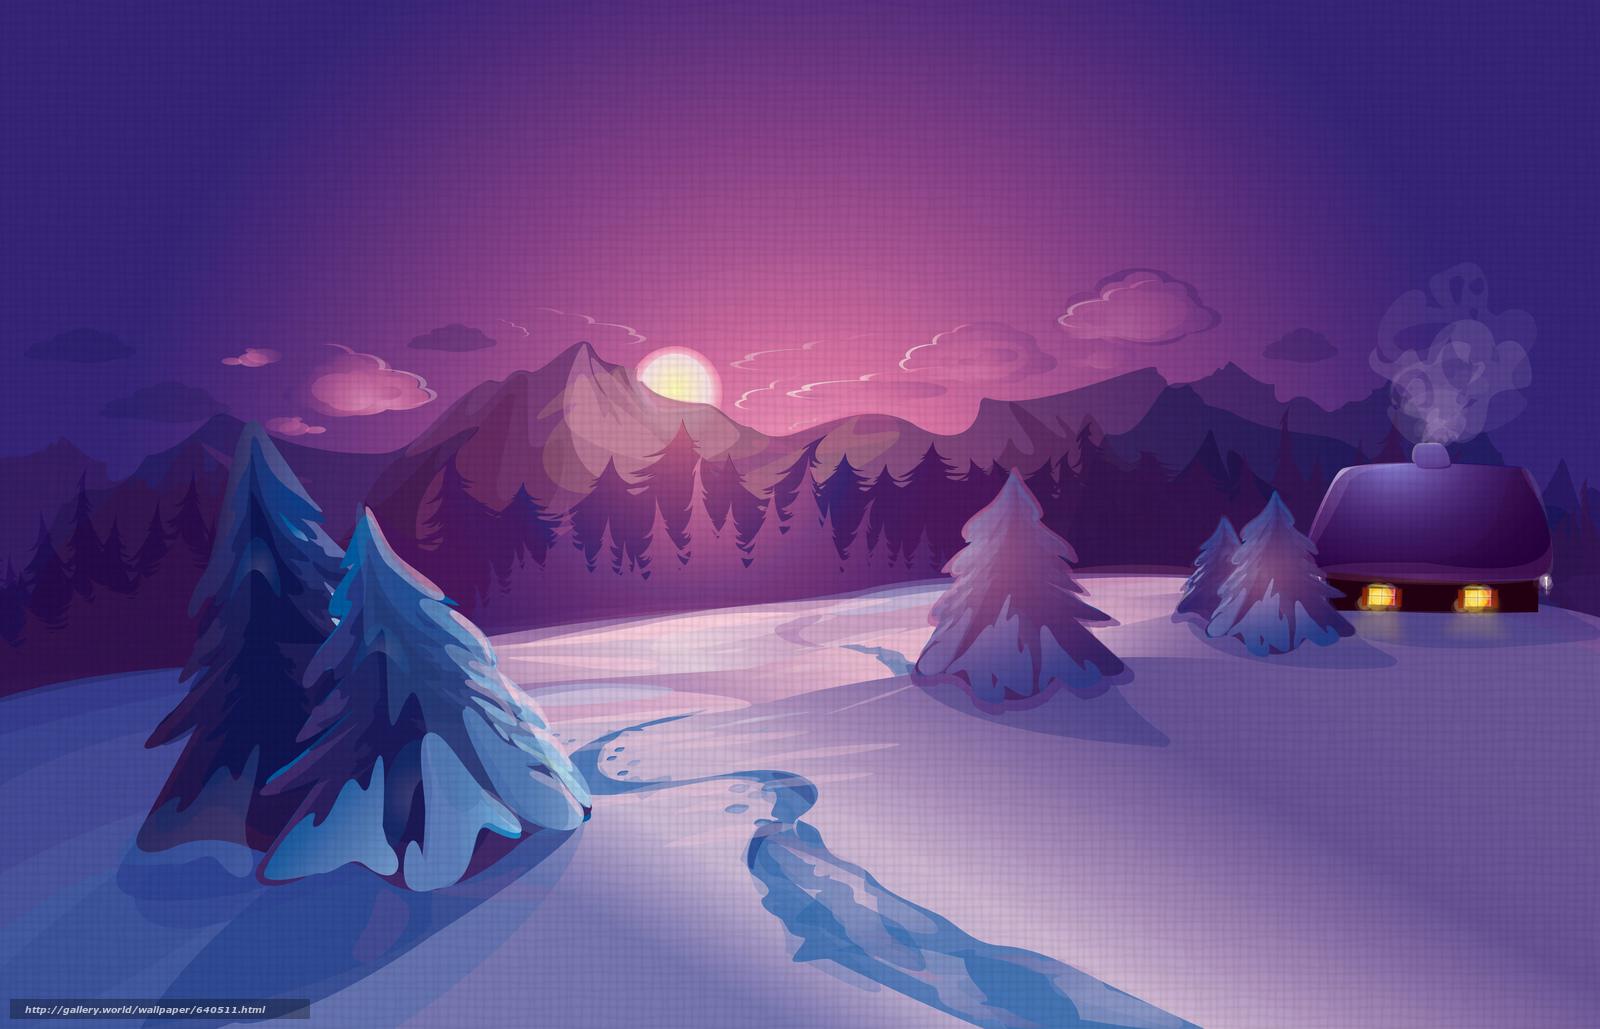 Скачать обои зима,  снег,  ночь,  луна бесплатно для рабочего стола в разрешении 7677x4935 — картинка №640511